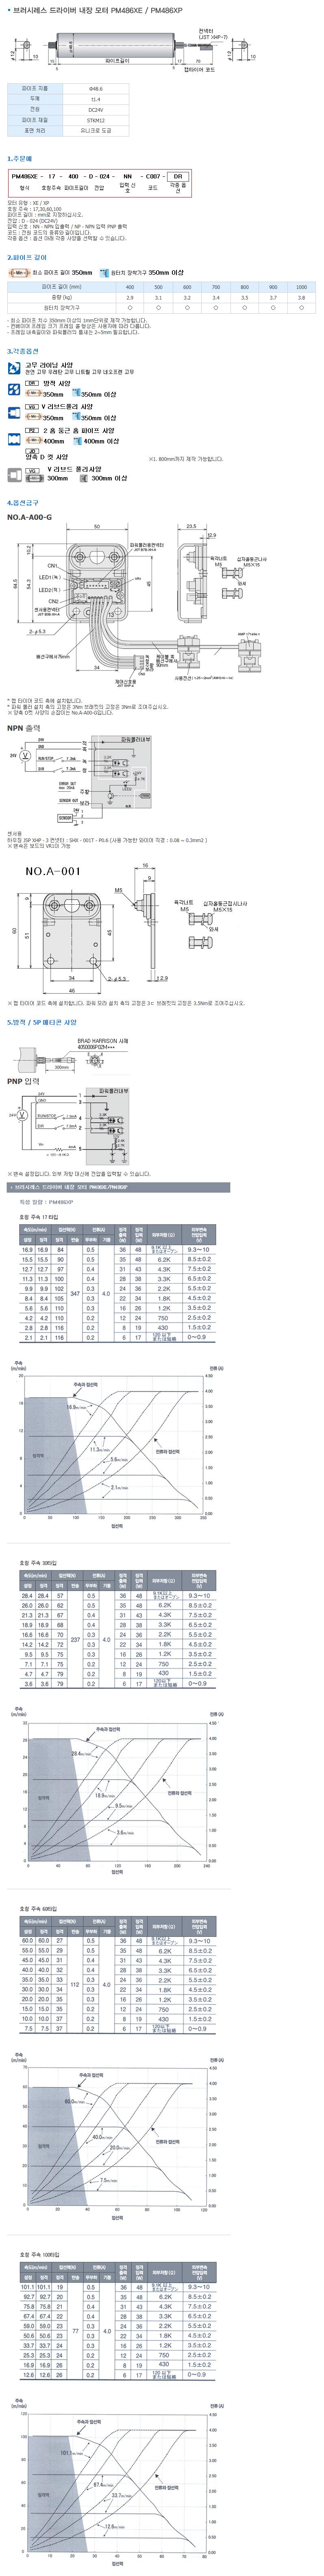 (주)은현산업 브러시레스 드라이버 내장 모터 PM486XP